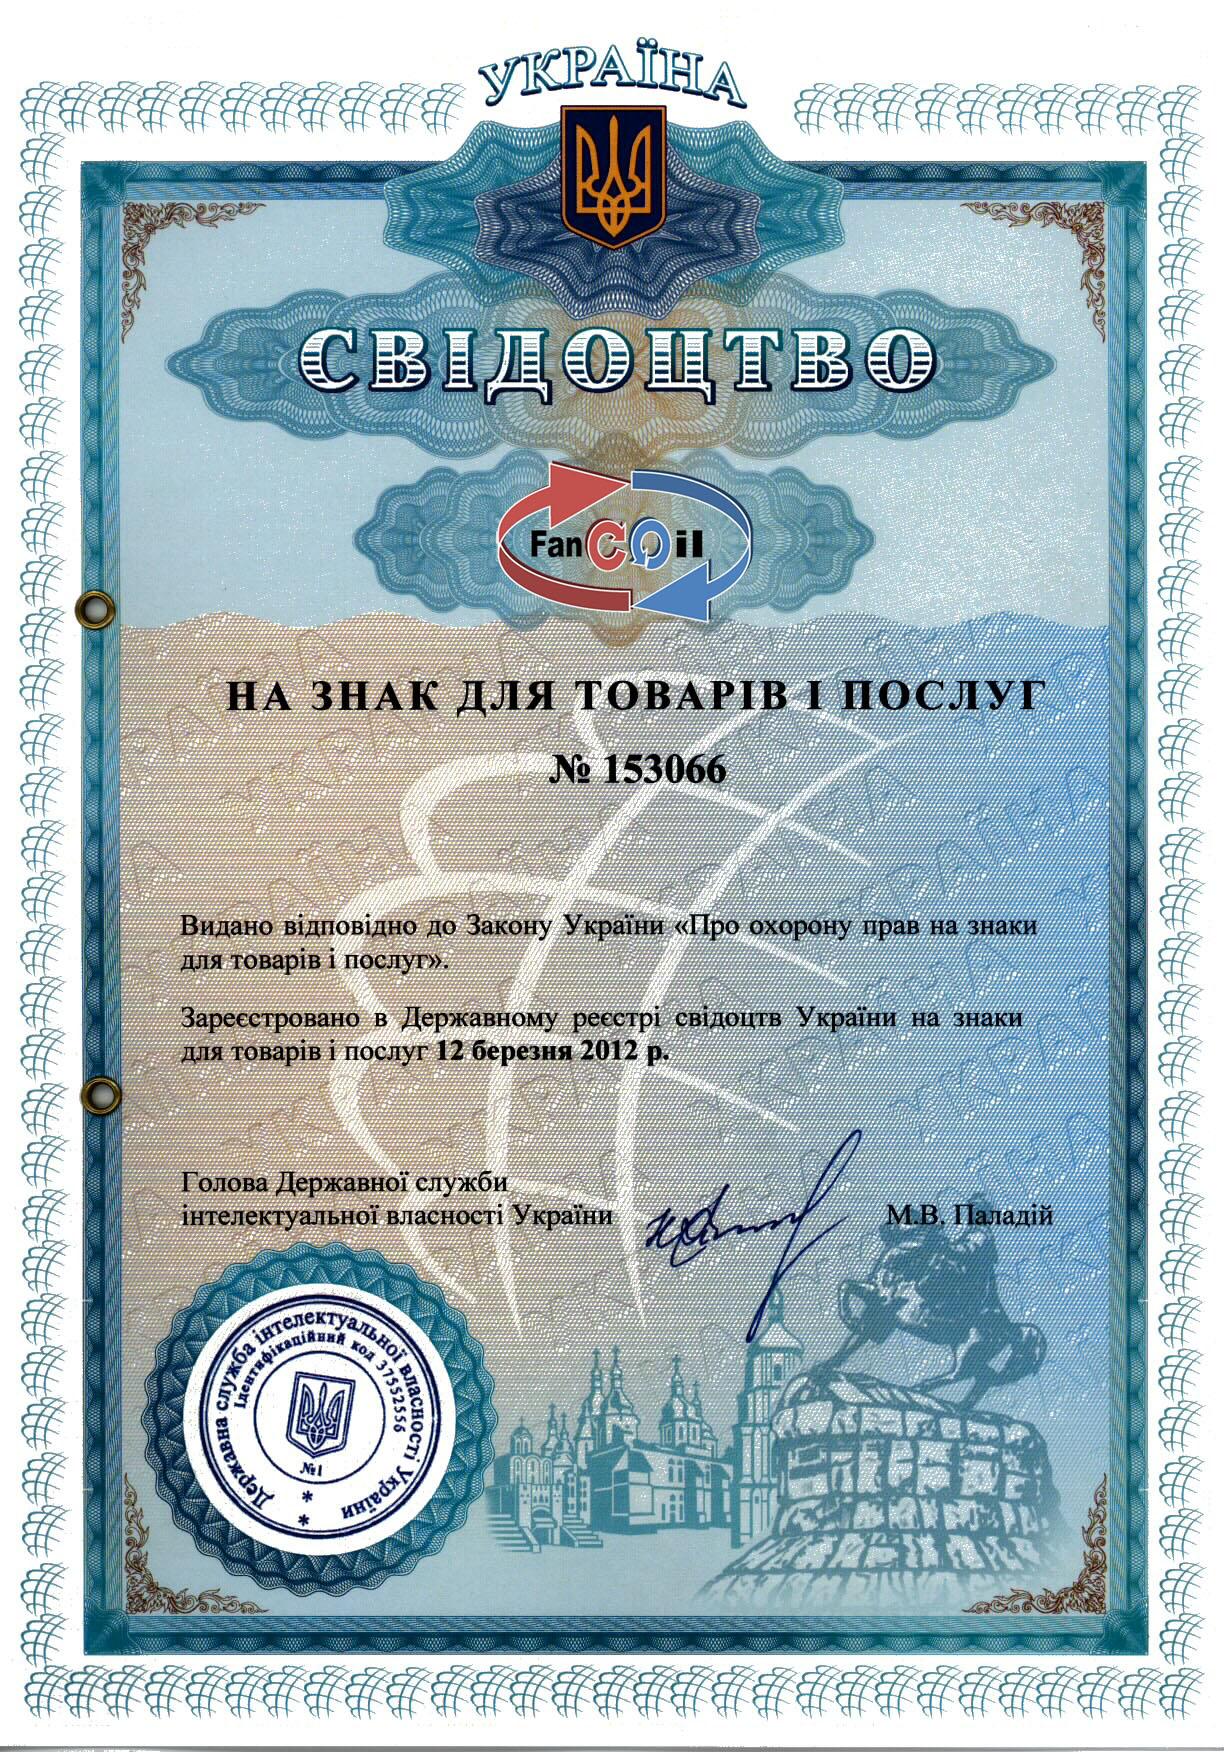 Сертификат качества конвектор fancoil